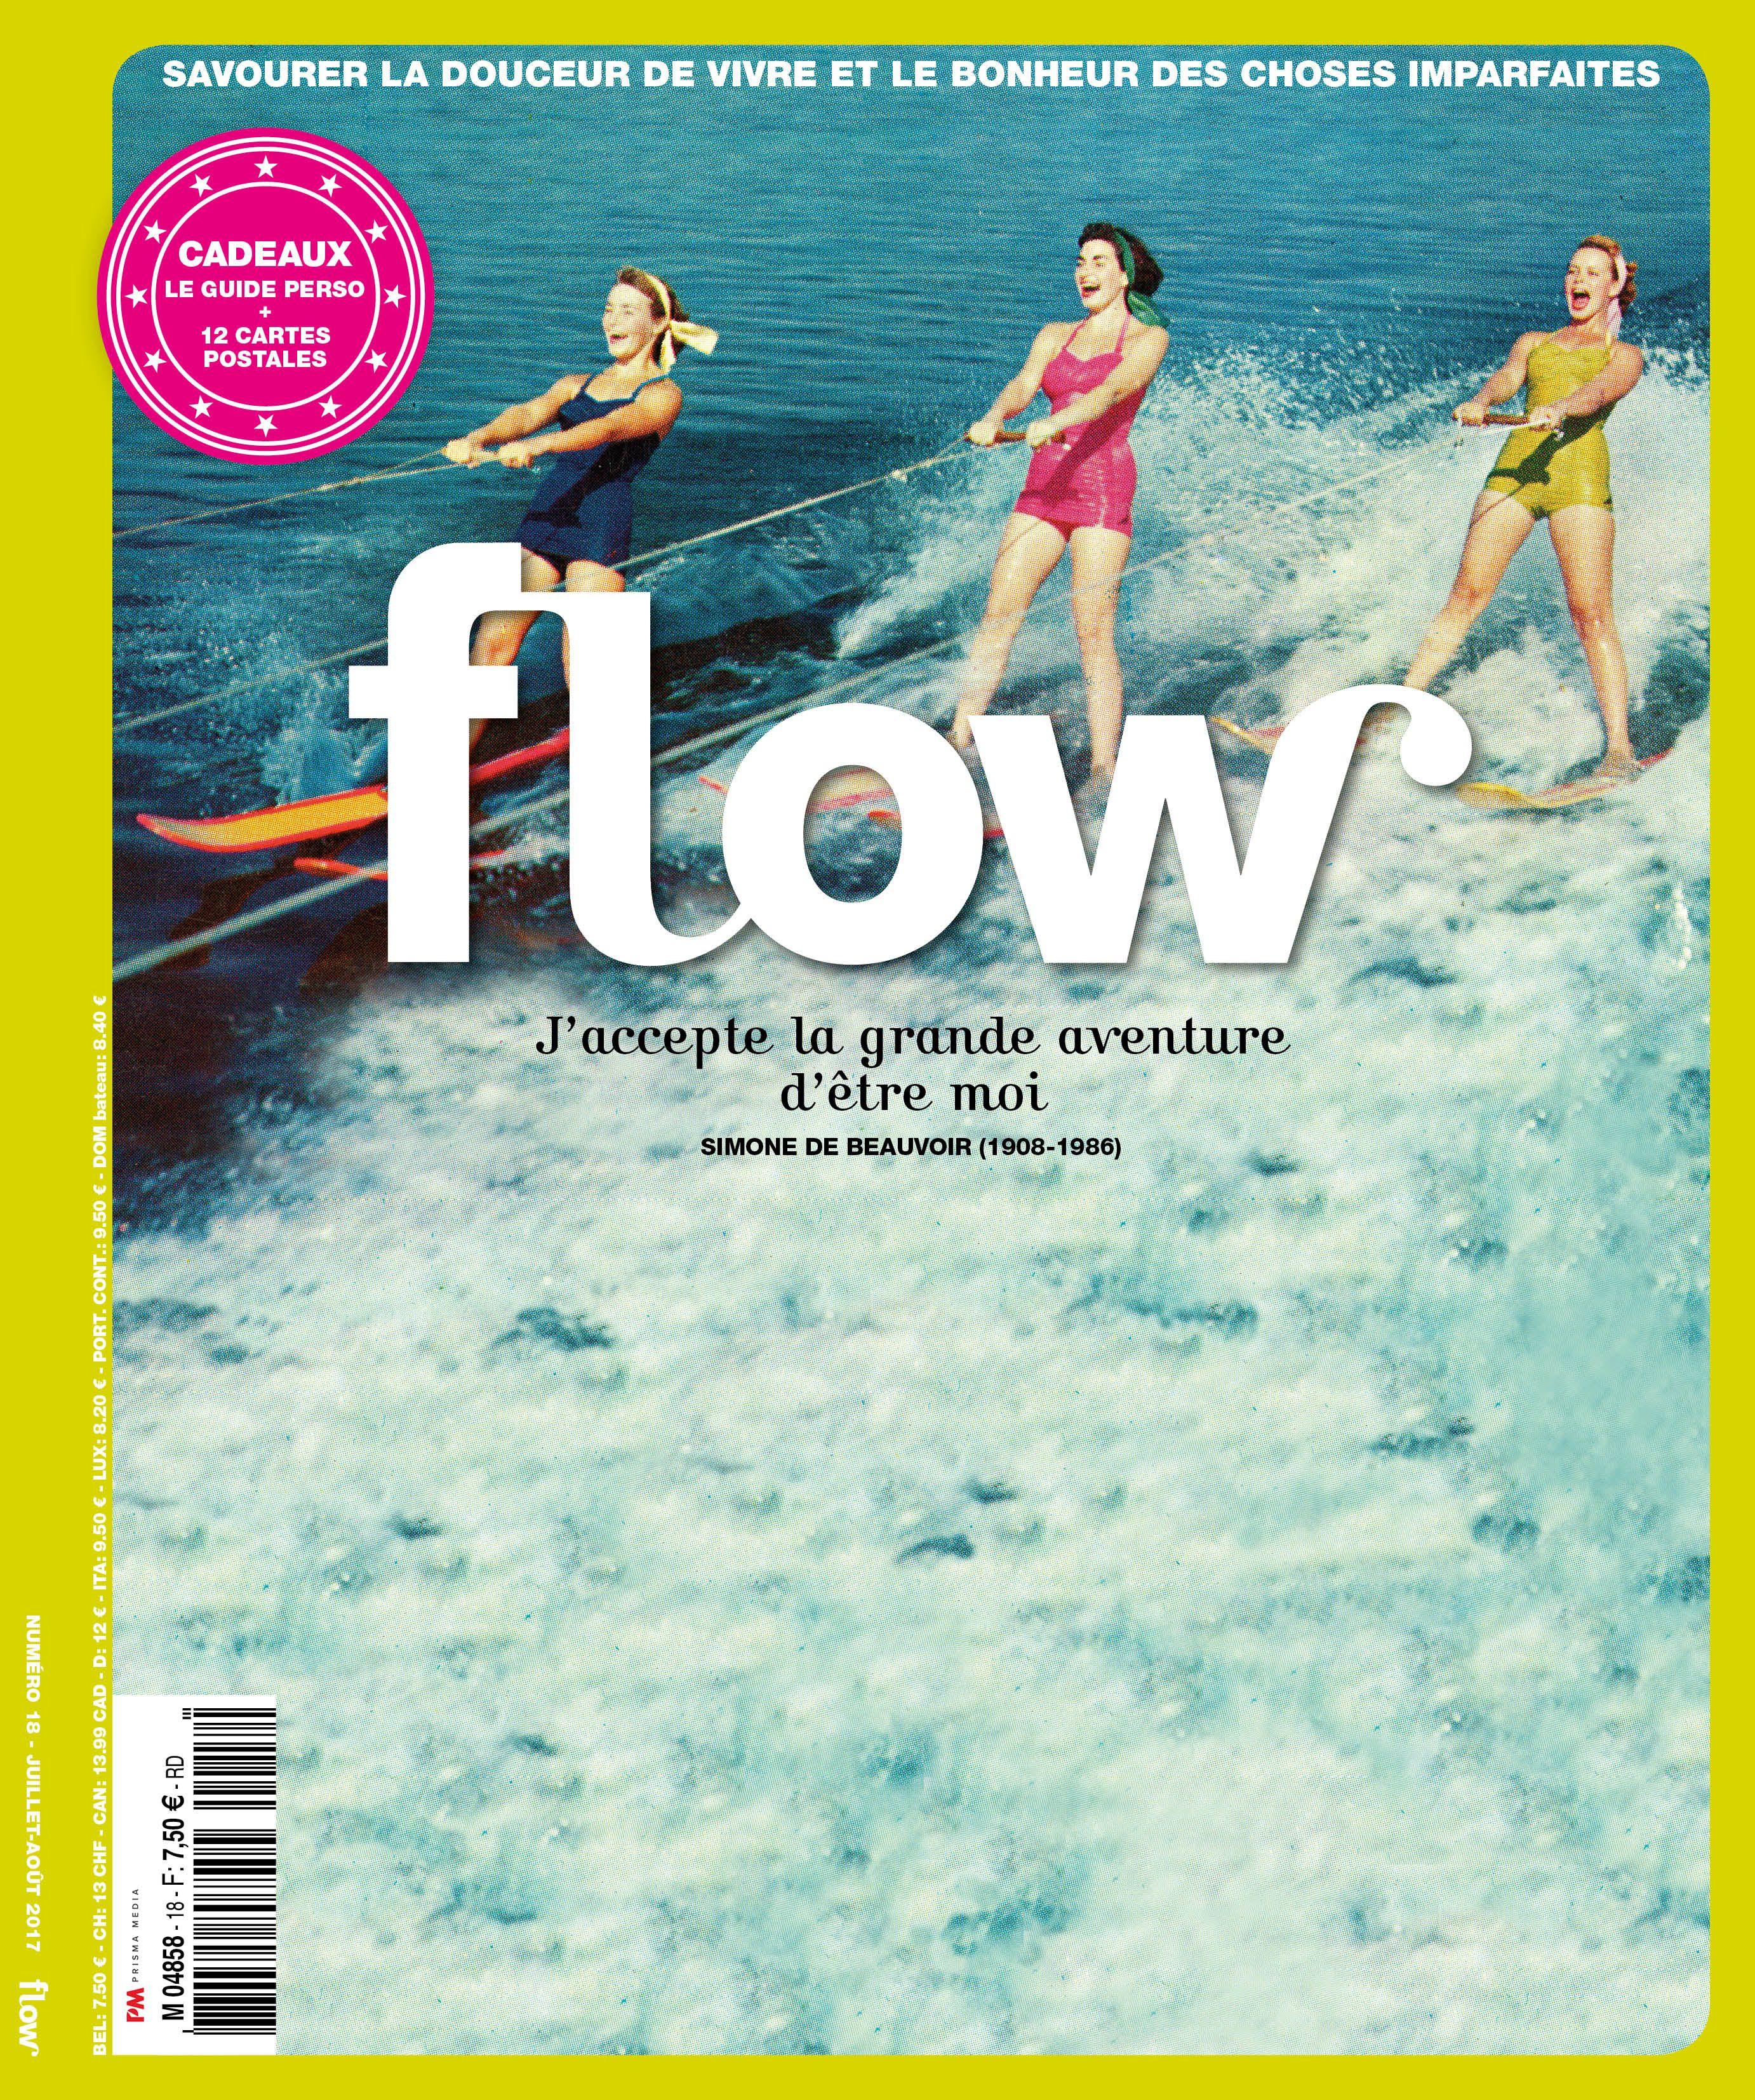 Flow France 18 Flow Magazine Carte Postale Simone De Beauvoir Flowmagazine